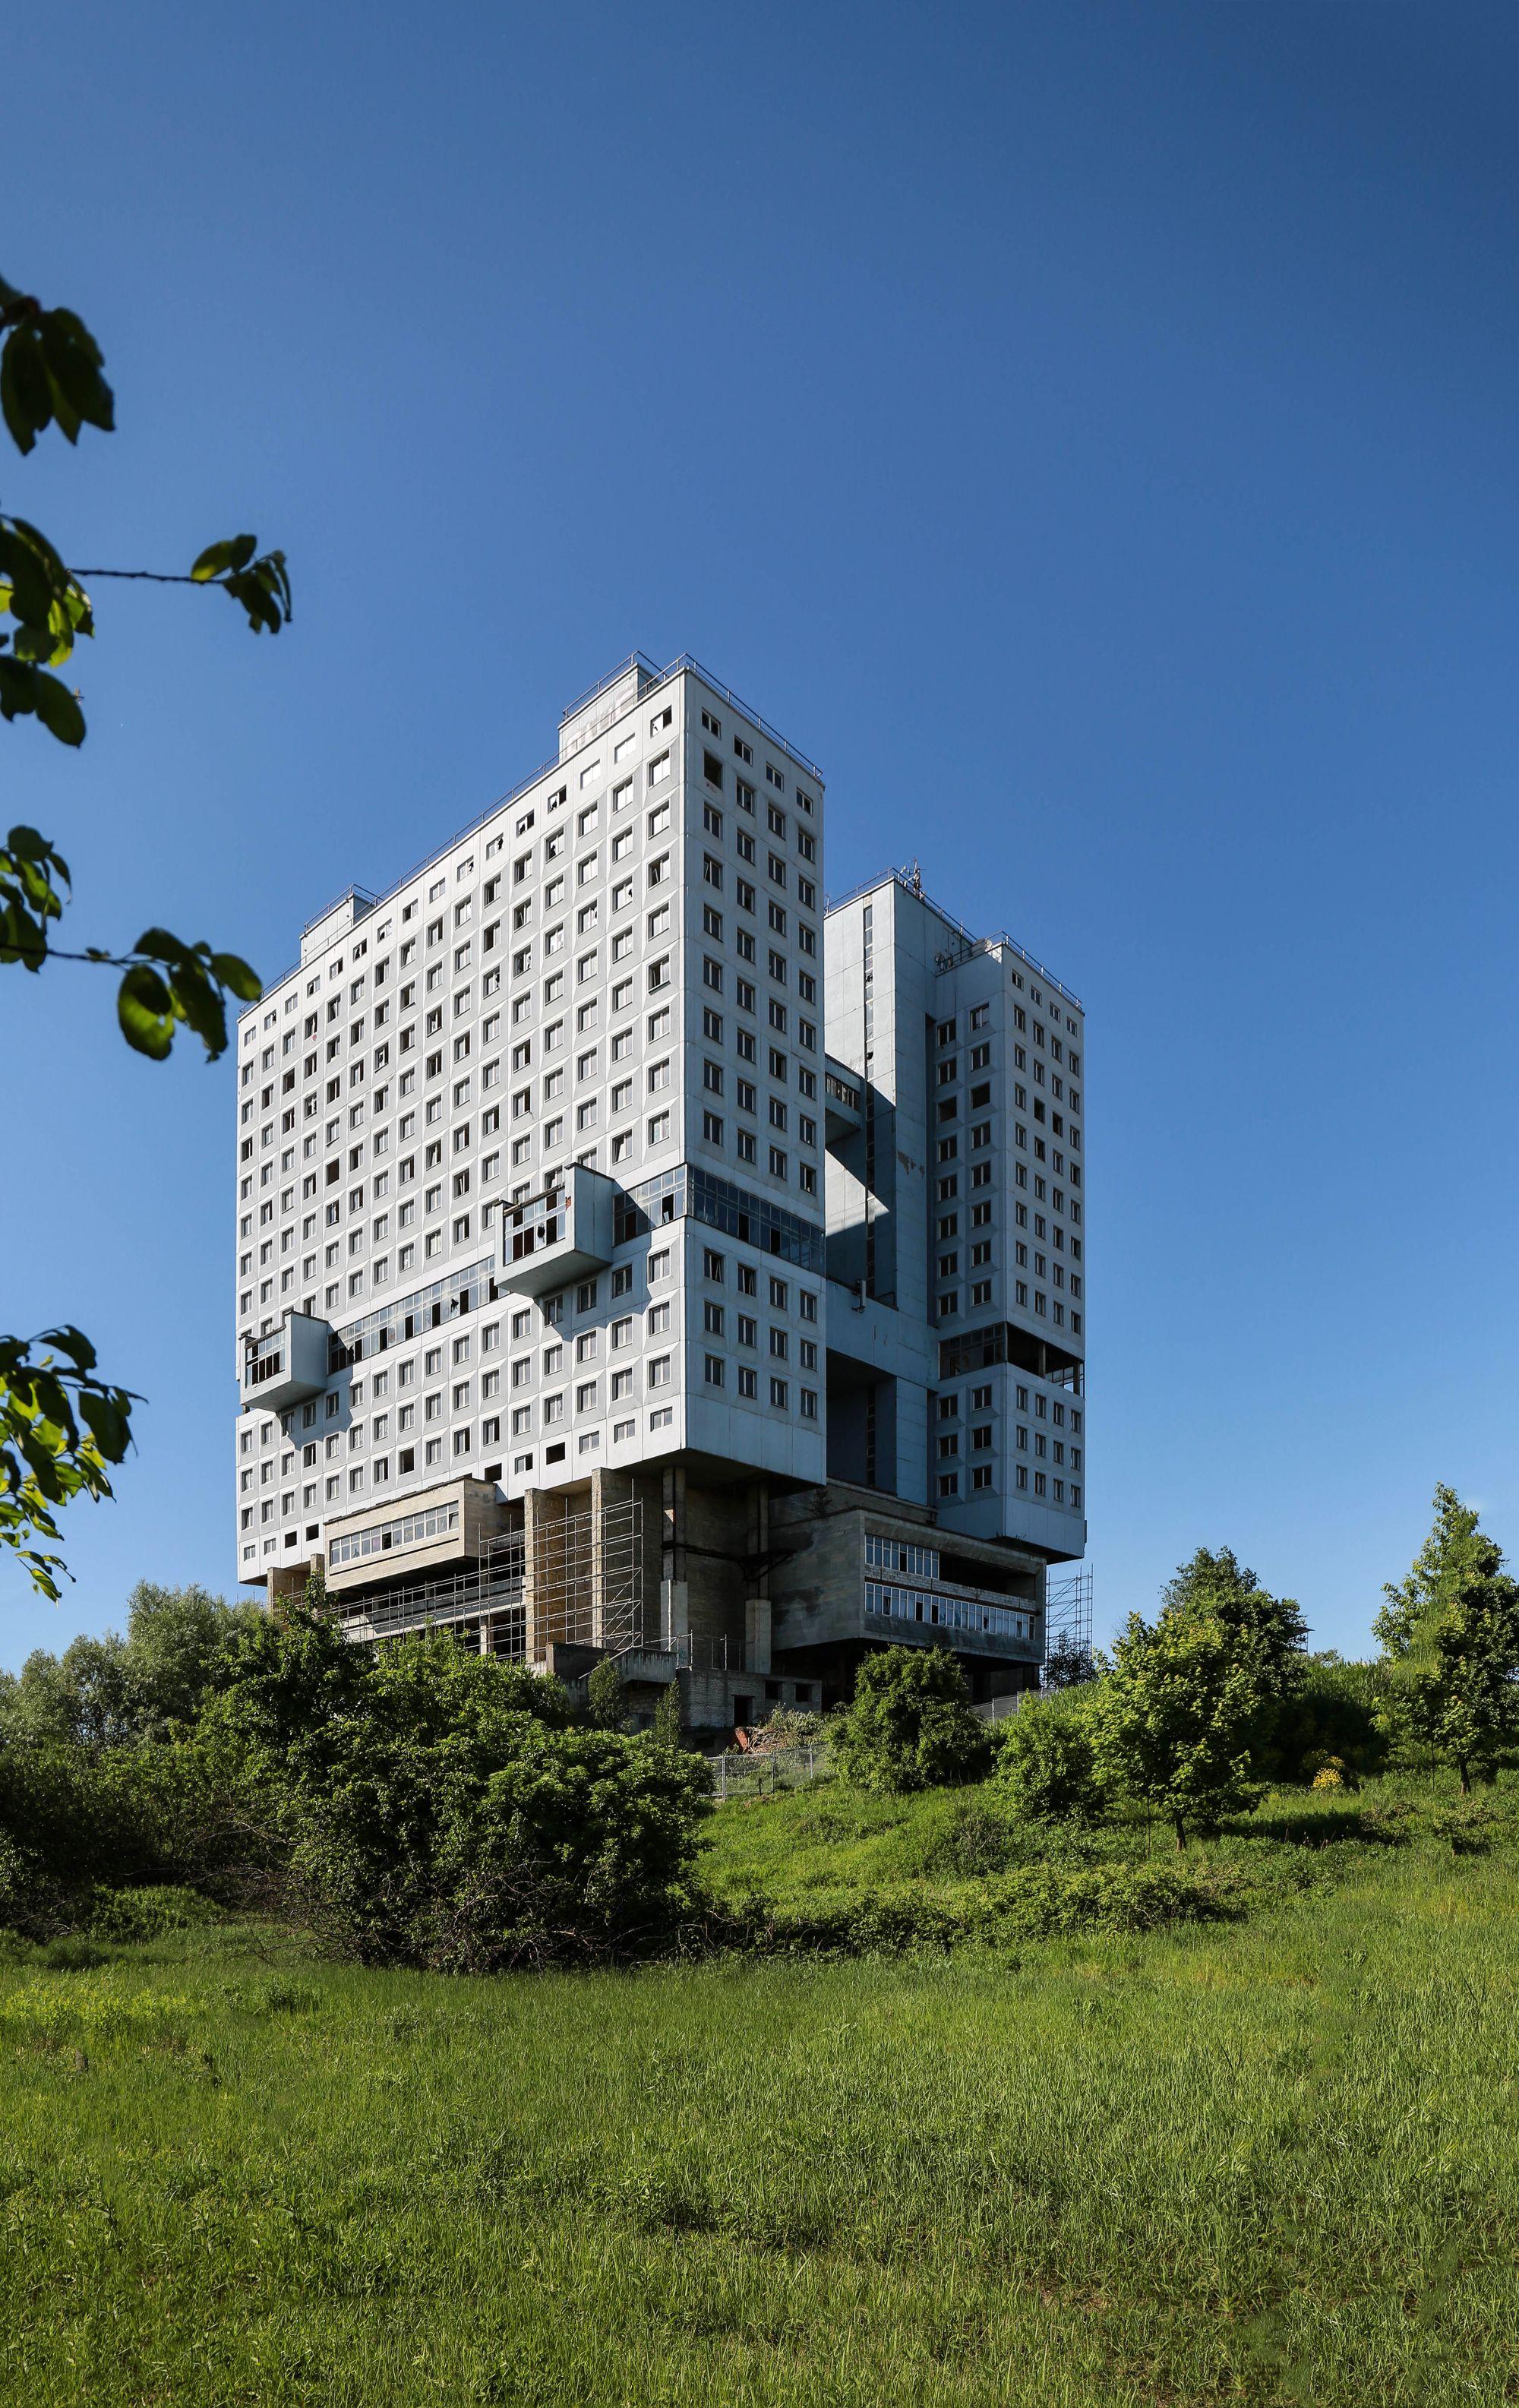 Casa Dos Sovietes Por Que Devemos Preservar Este Simbolo Do Brutalismo Sovietico Brutalismo Arquitectura Contemporanea Arquitectura